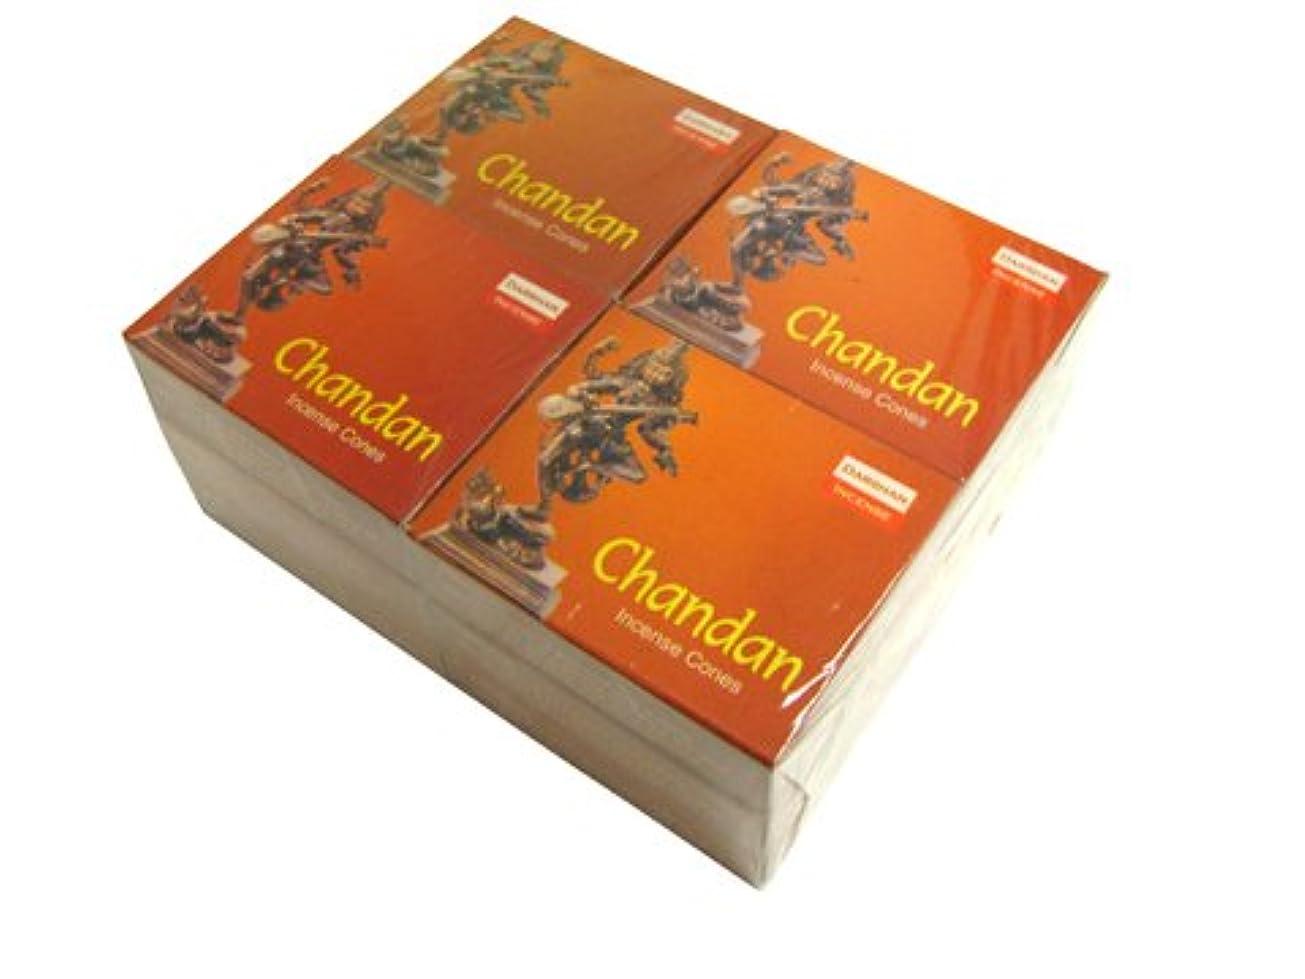 本当のことを言うと船酔い不道徳DARSHAN(ダルシャン) チャンダン香 コーンタイプ CHANDAN CORN 12箱セット